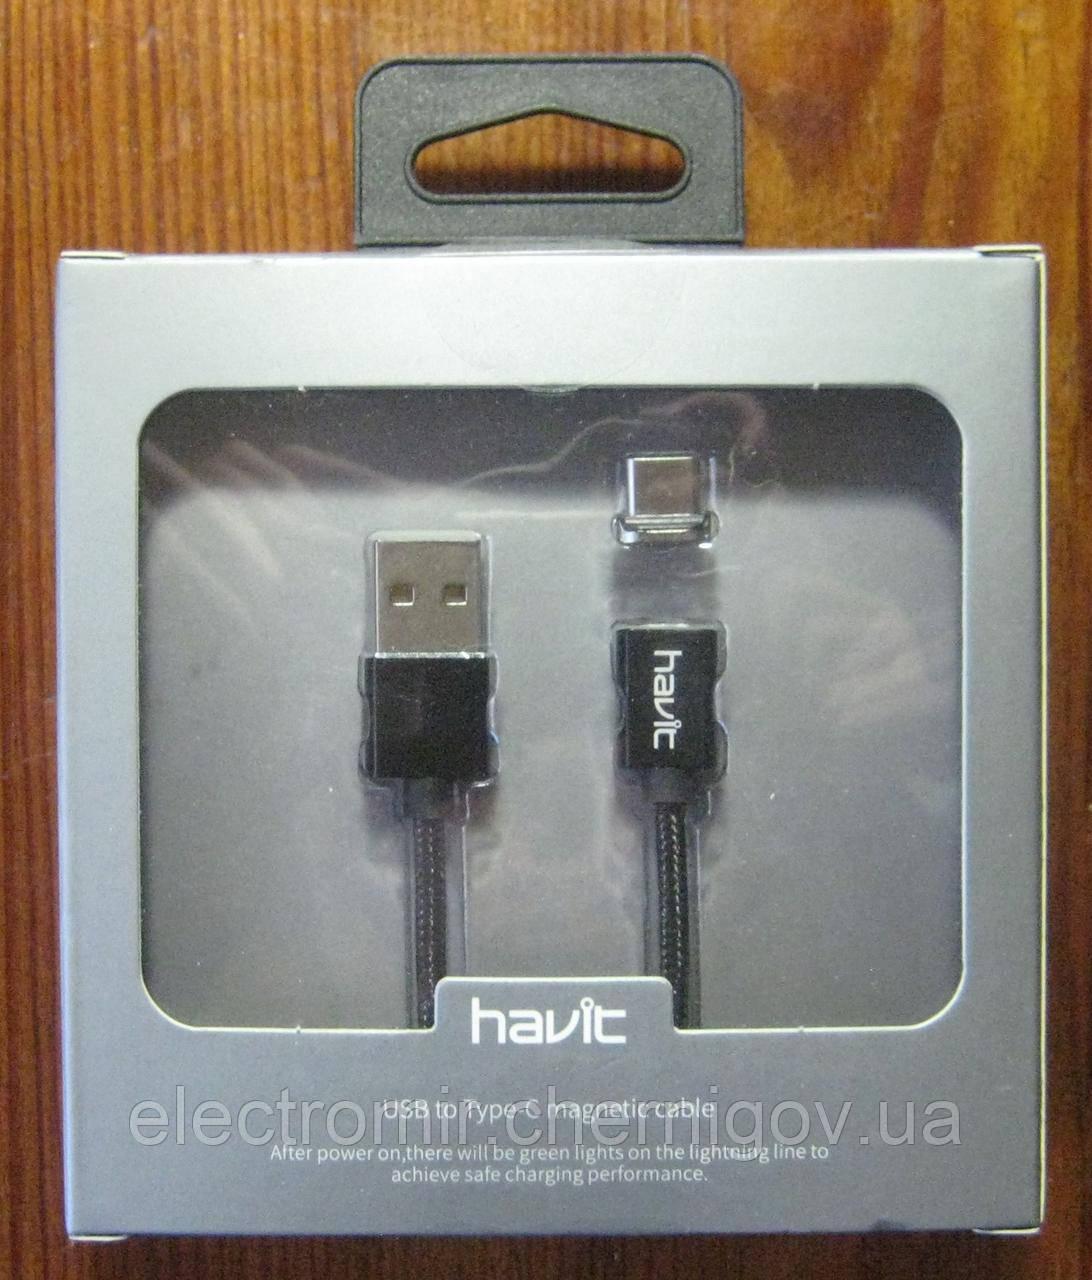 USB кабель магнитный Havit H637 Type-C (чёрный)